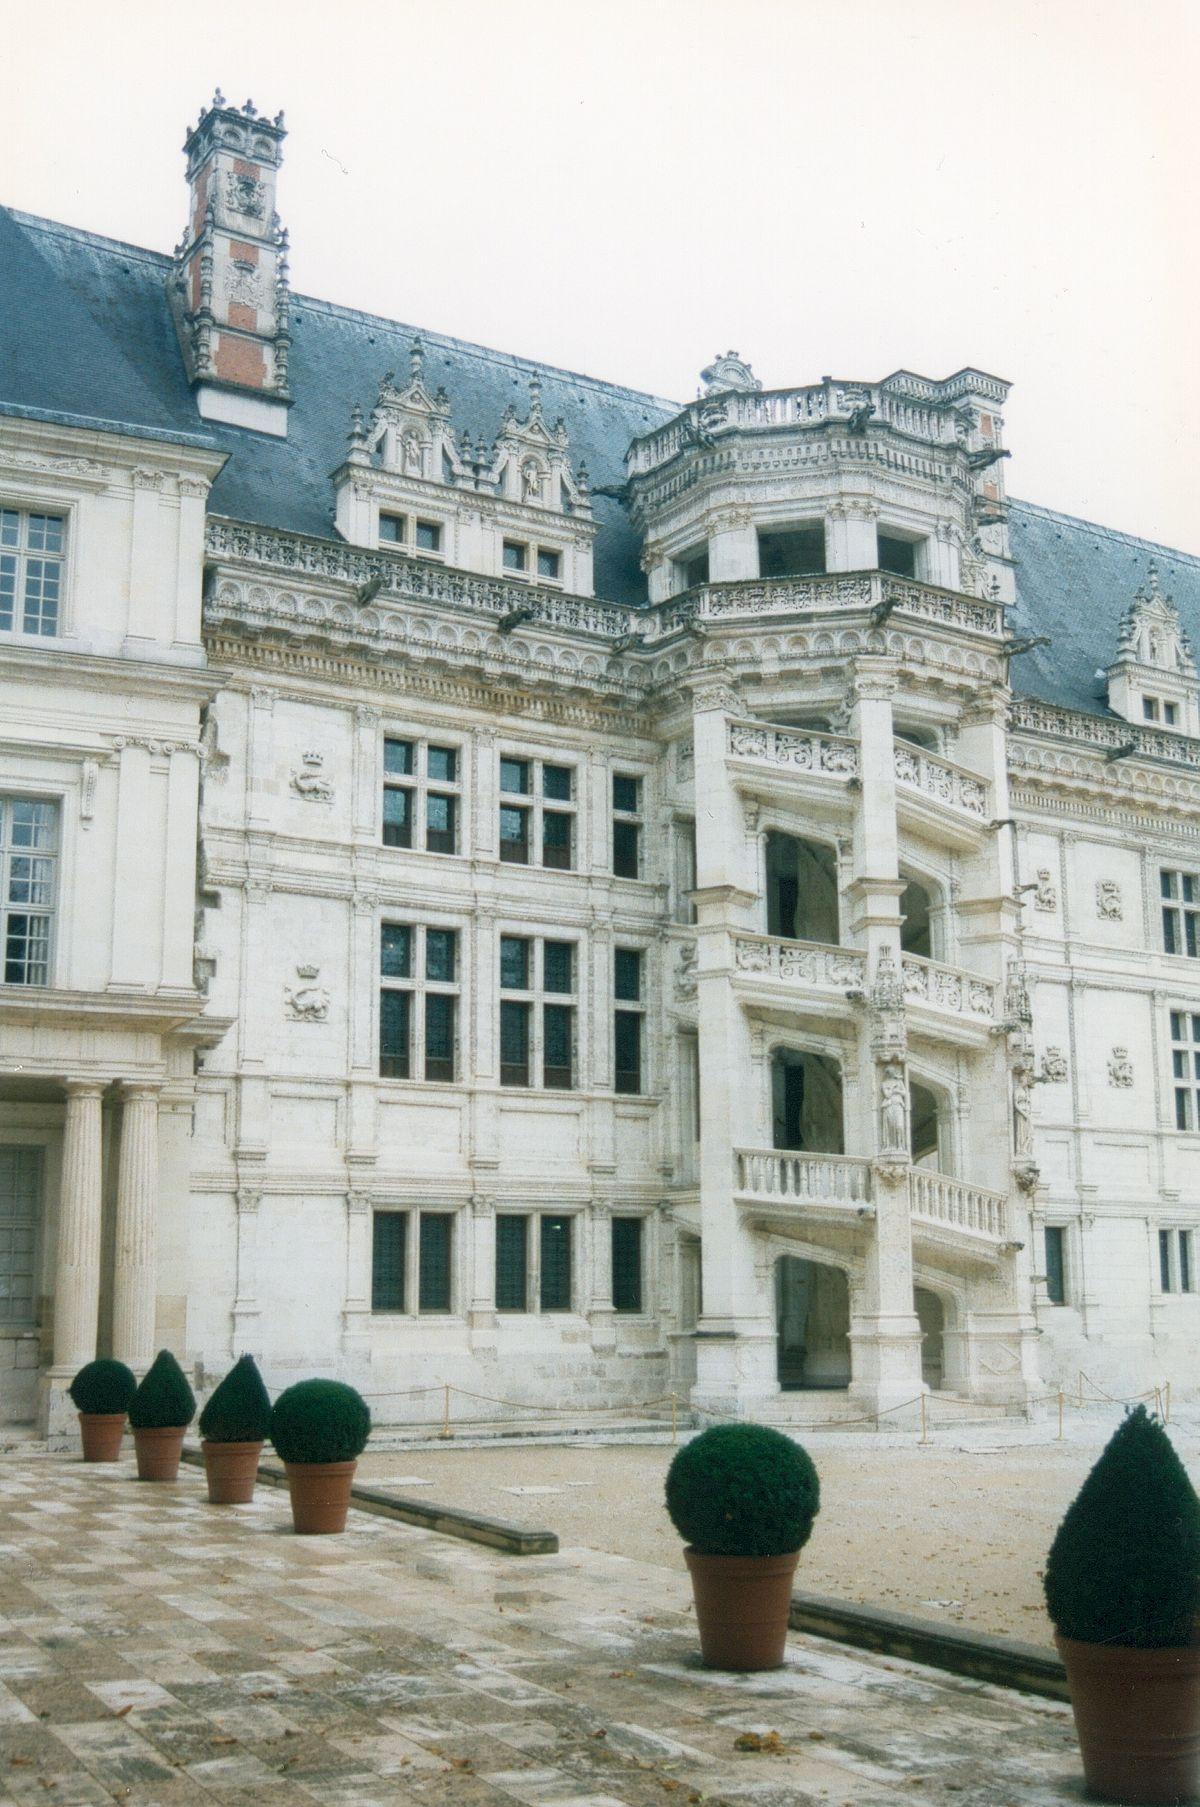 Chateau En Espagne 4 Lettres : chateau, espagne, lettres, Château, Blois, Wikipédia